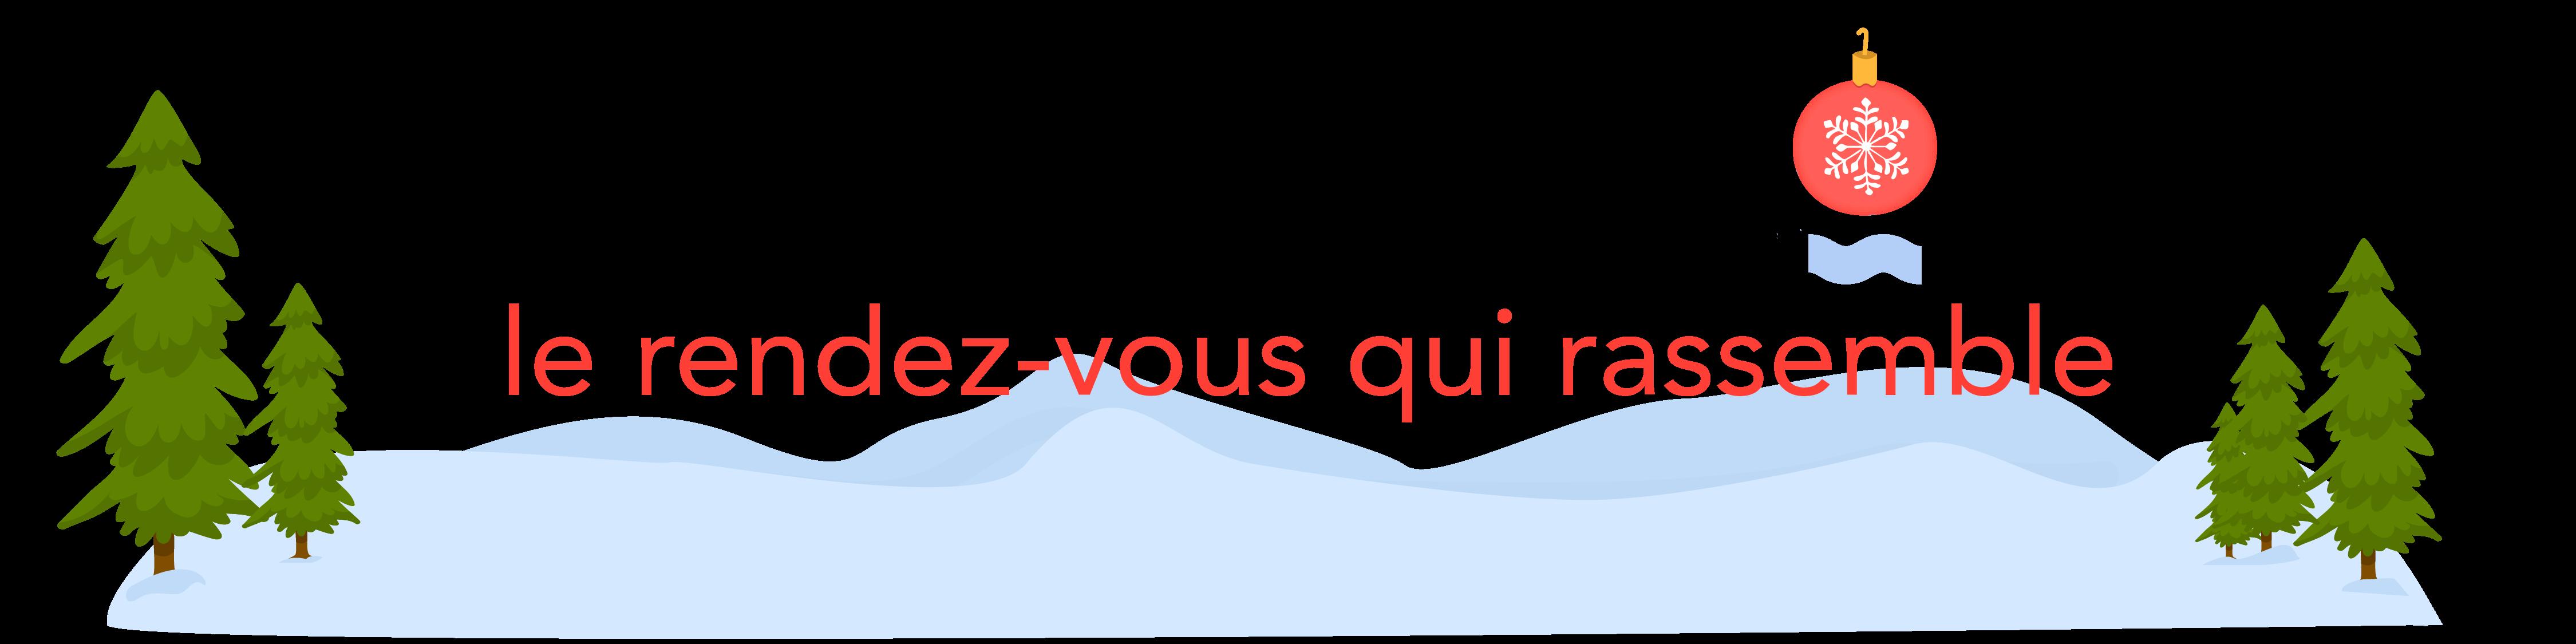 Journal Le Soir